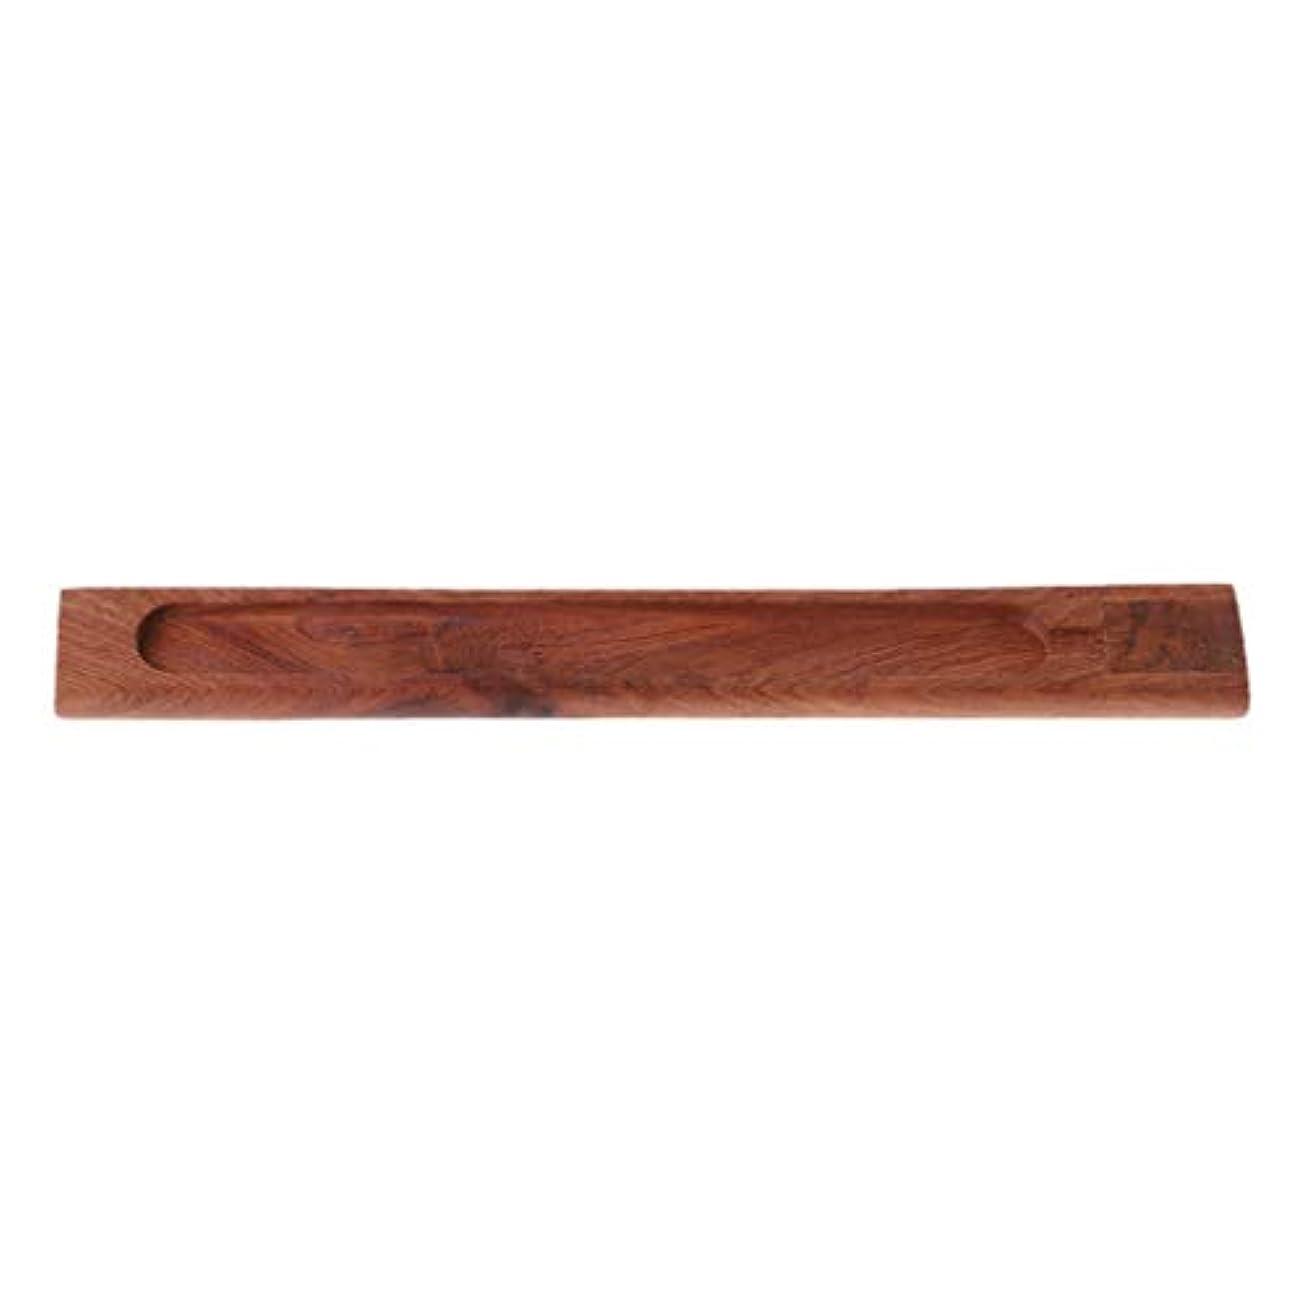 速記高度なマートSimpleLife 禅のガーデン便利な自然の平野の木製香ボードスティックバーナーホルダーギフト